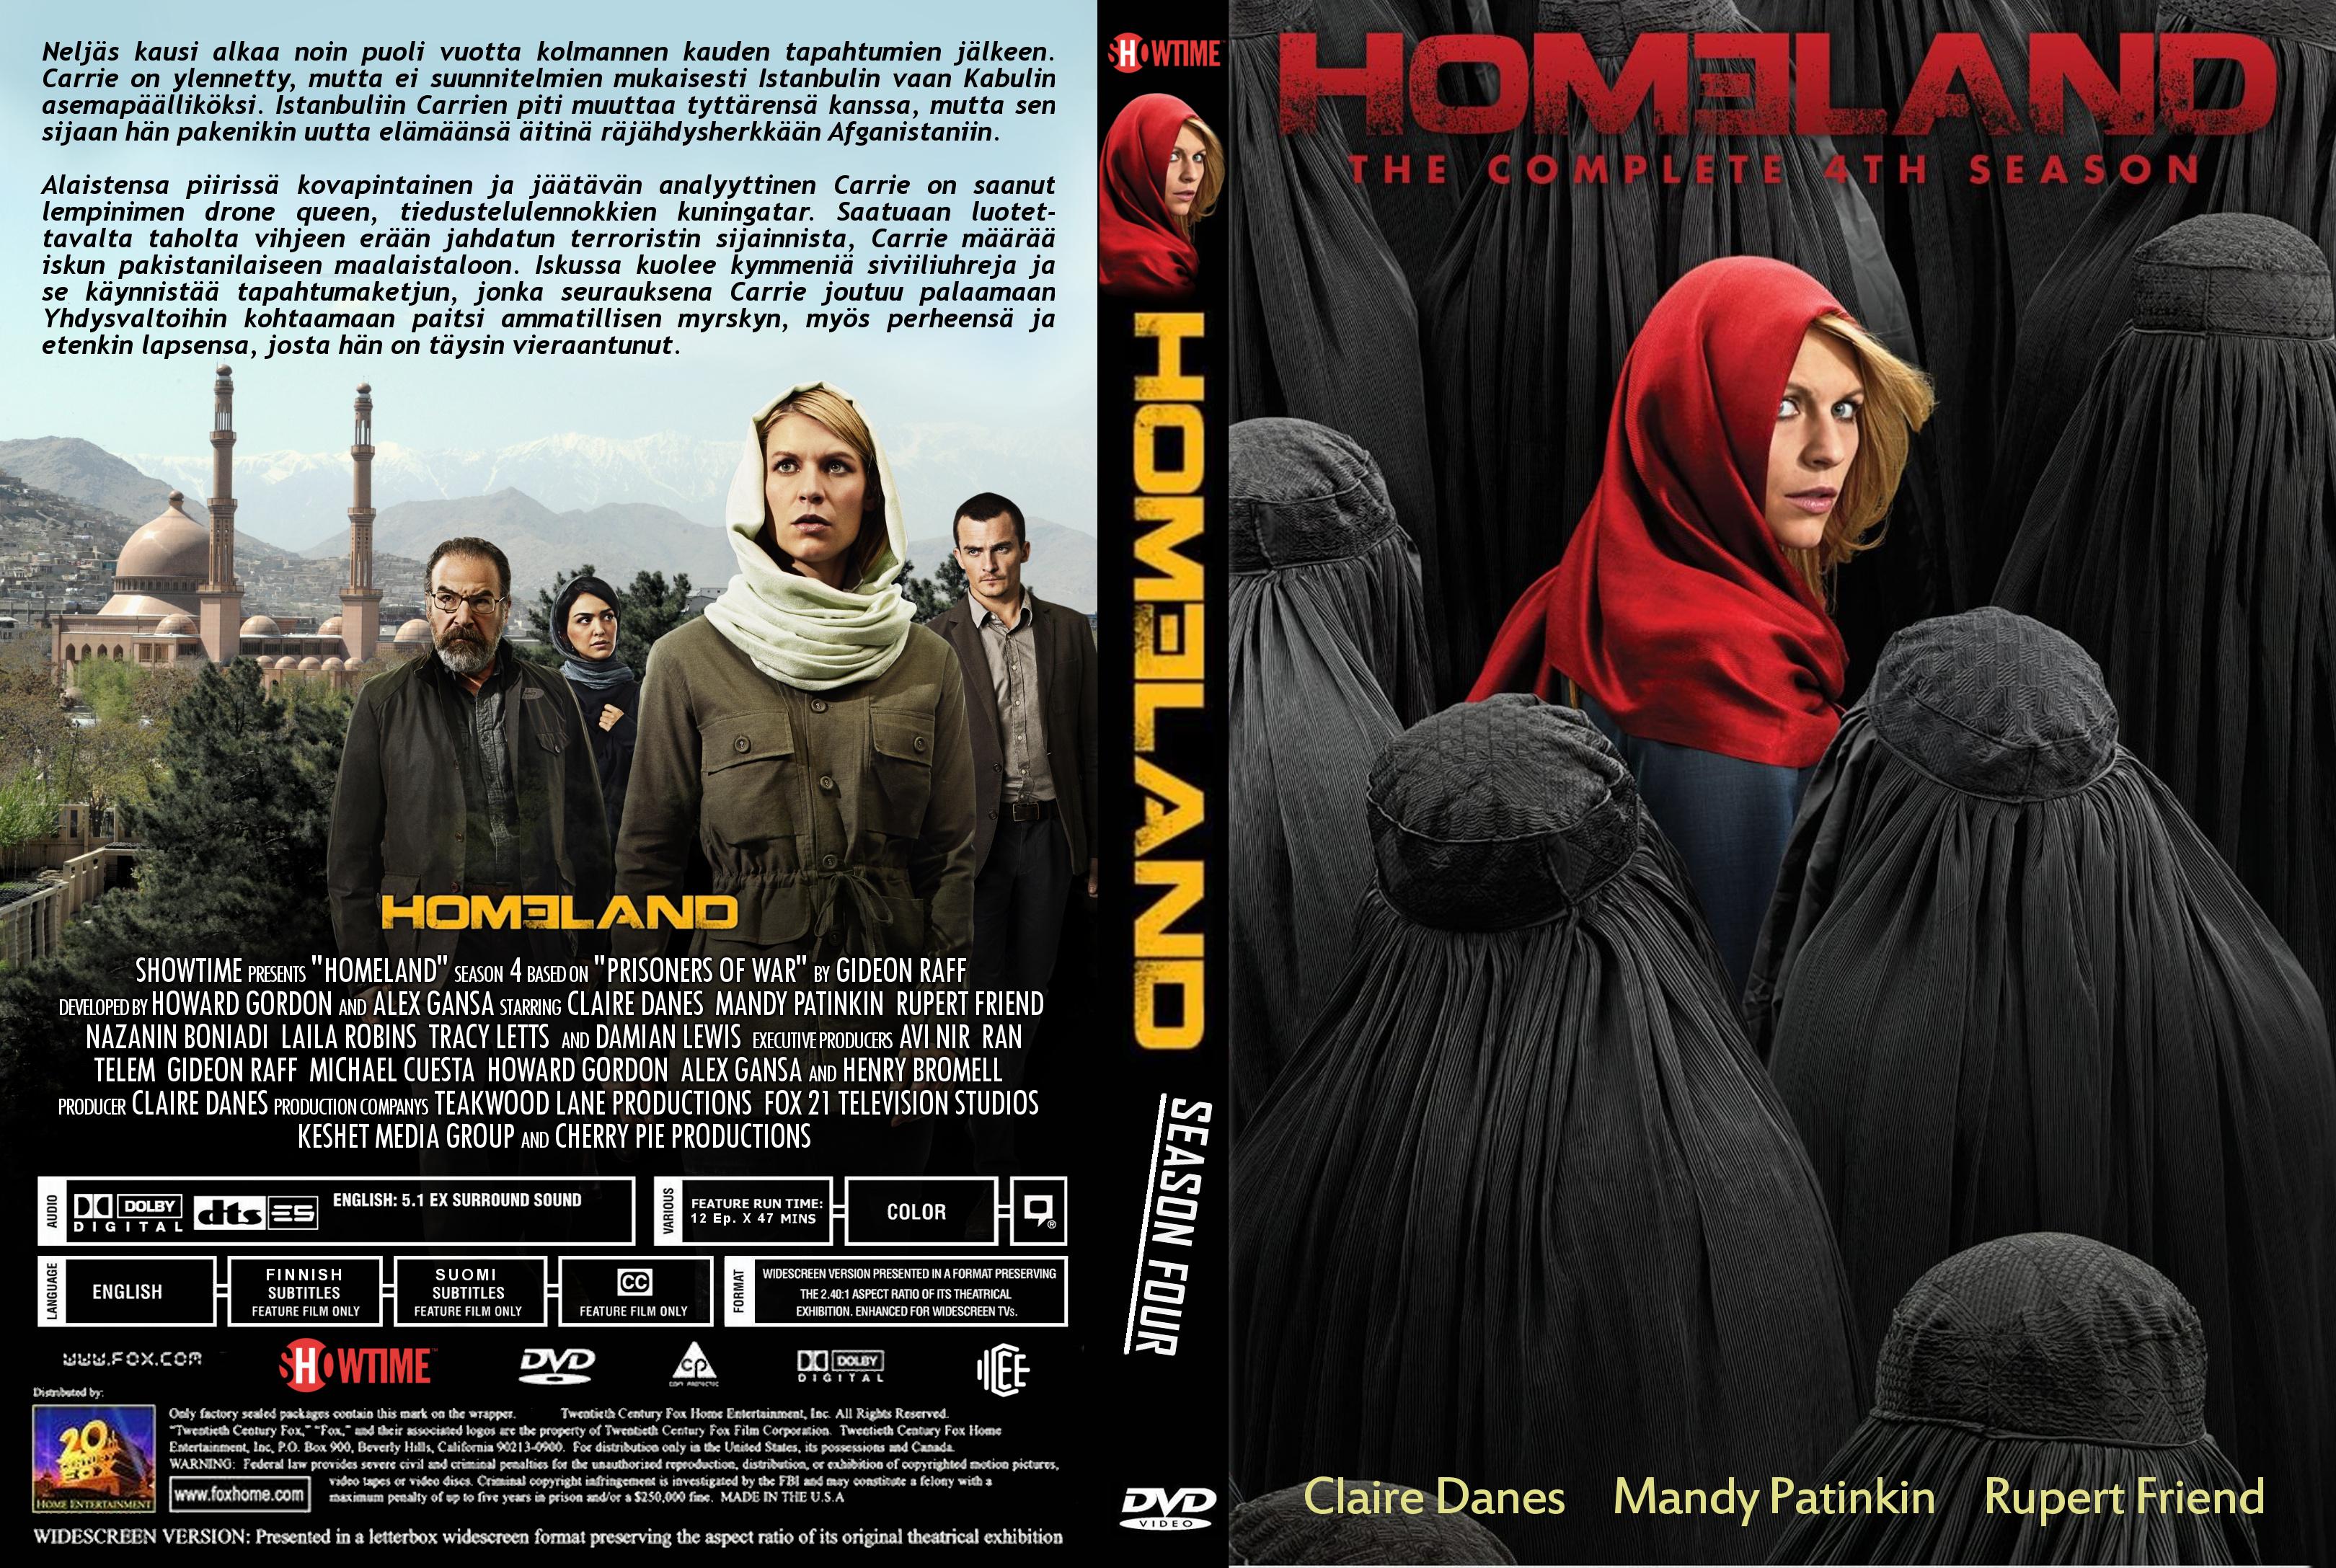 Homeland - Staffel 4 auf DVD online kaufen | SATURN